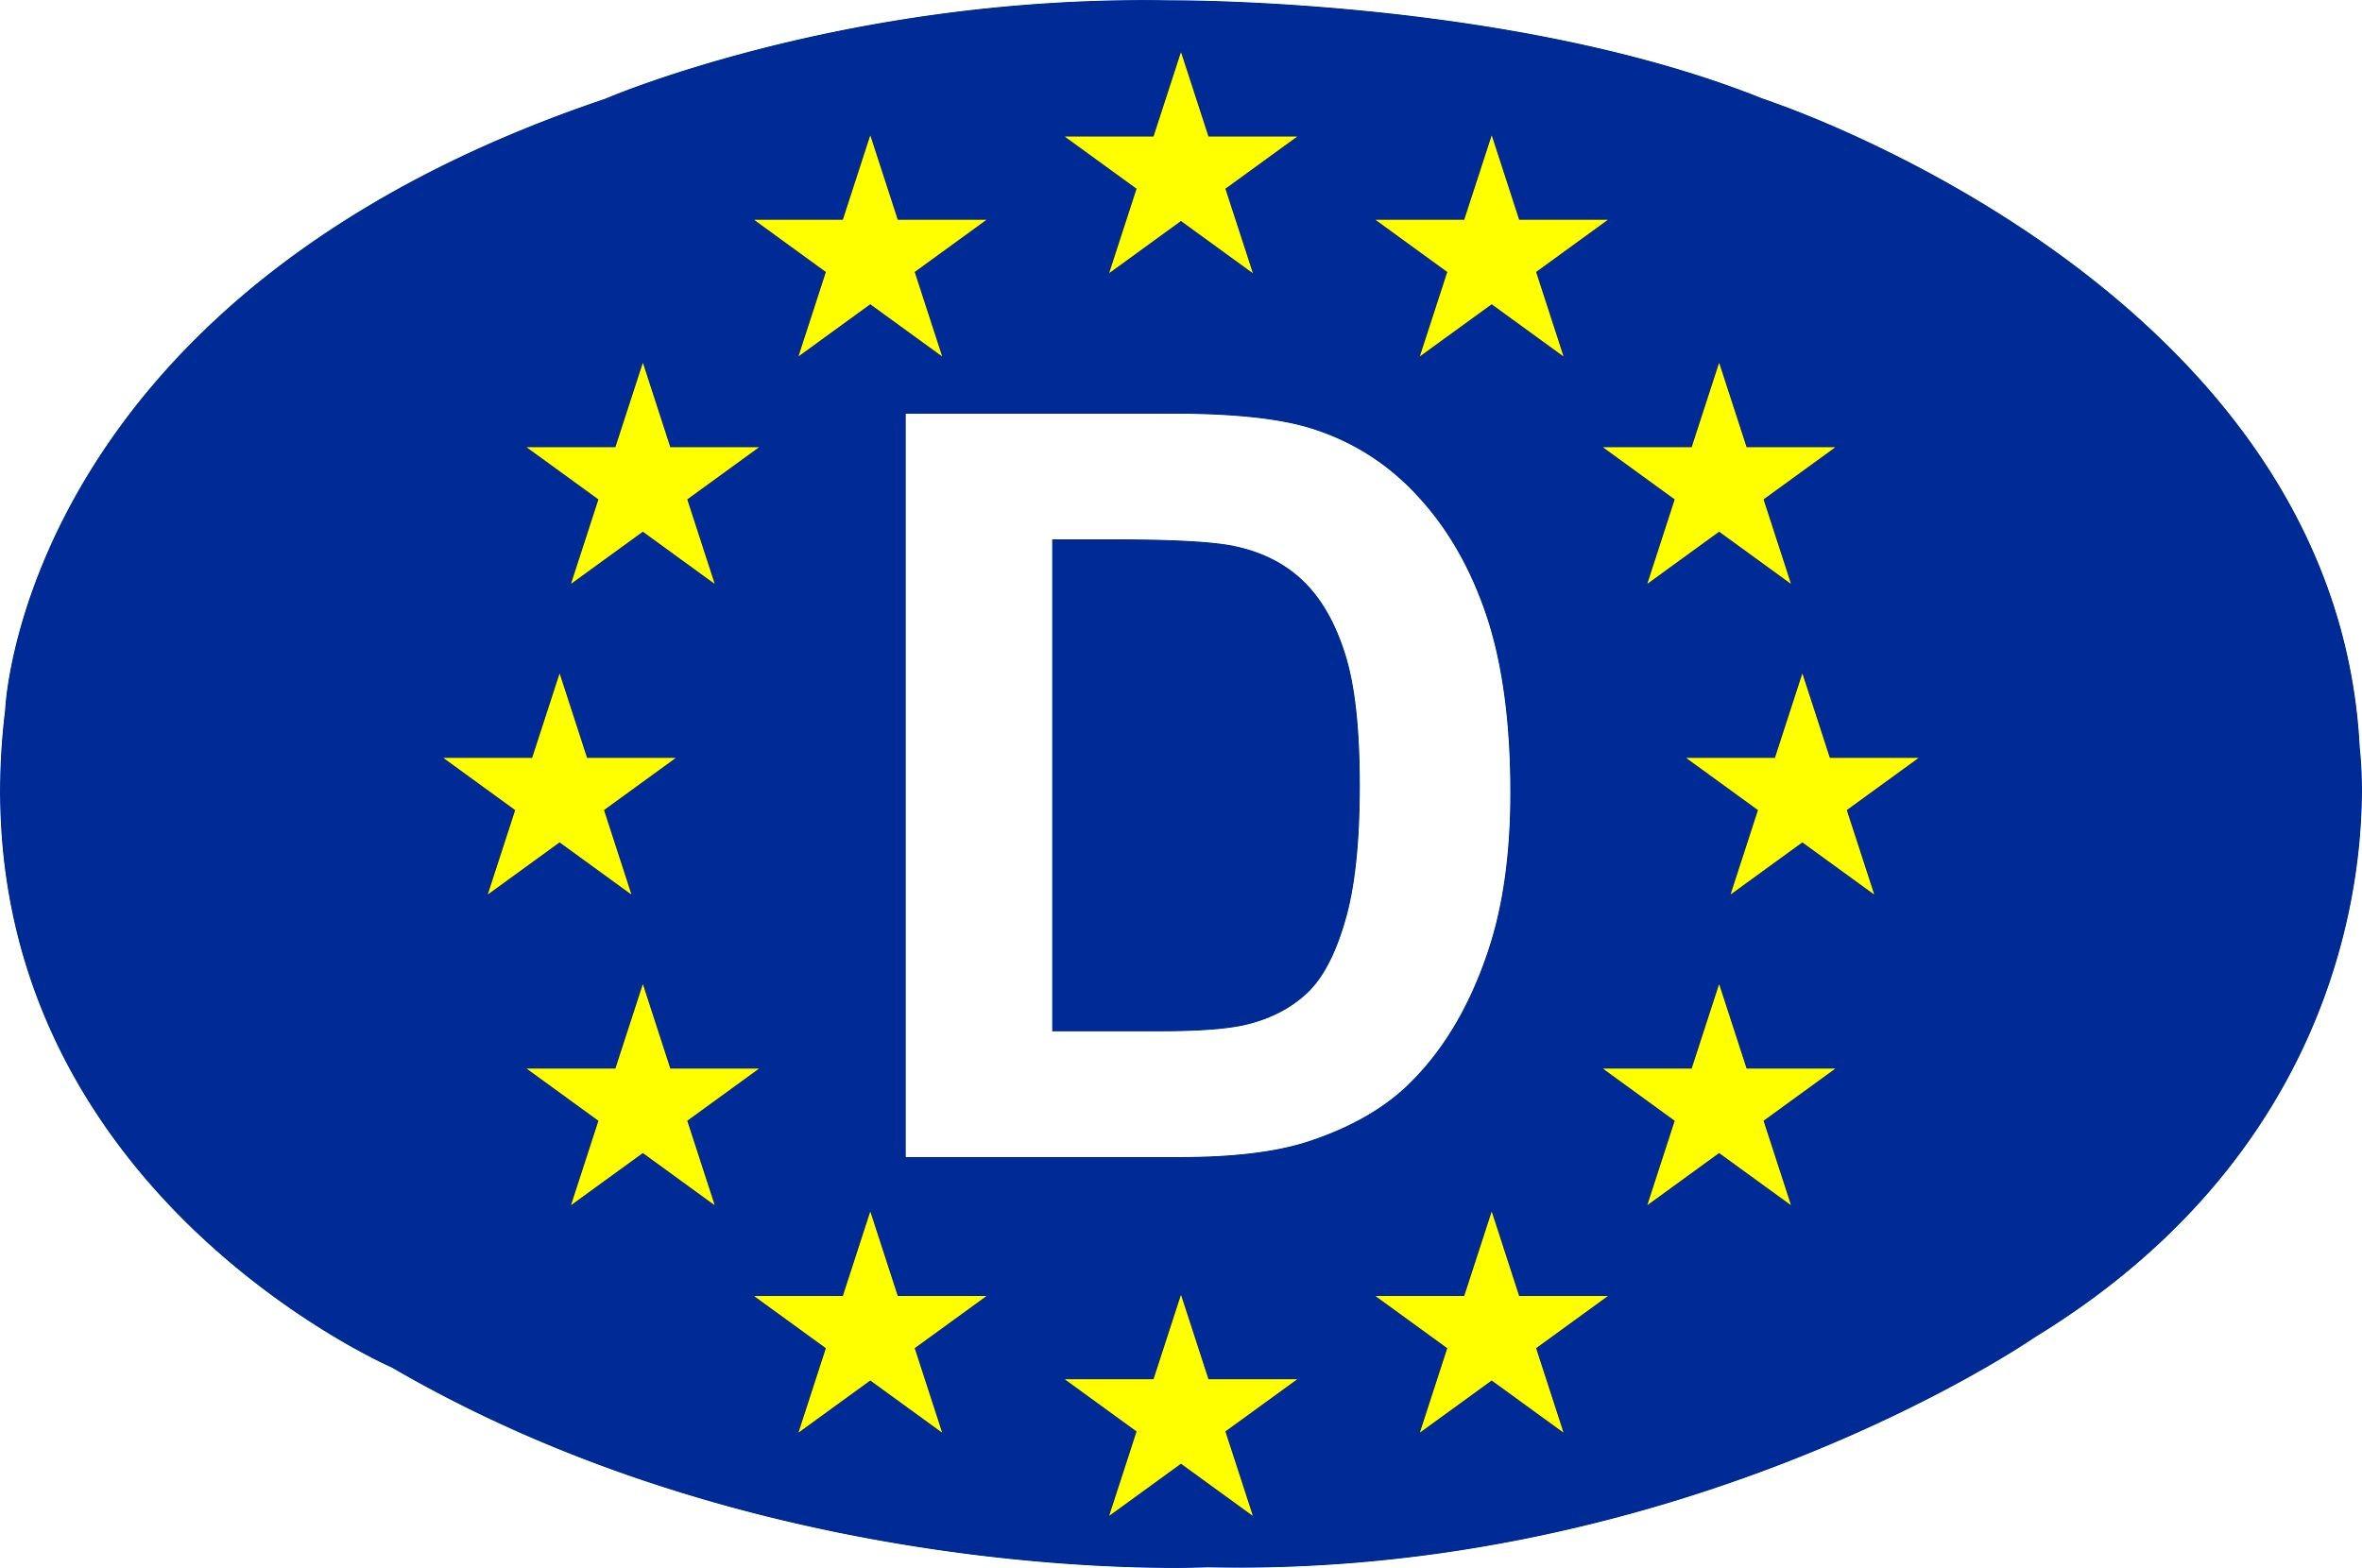 Aufkleber Europa-D 125 x 85 mm – Bild 1